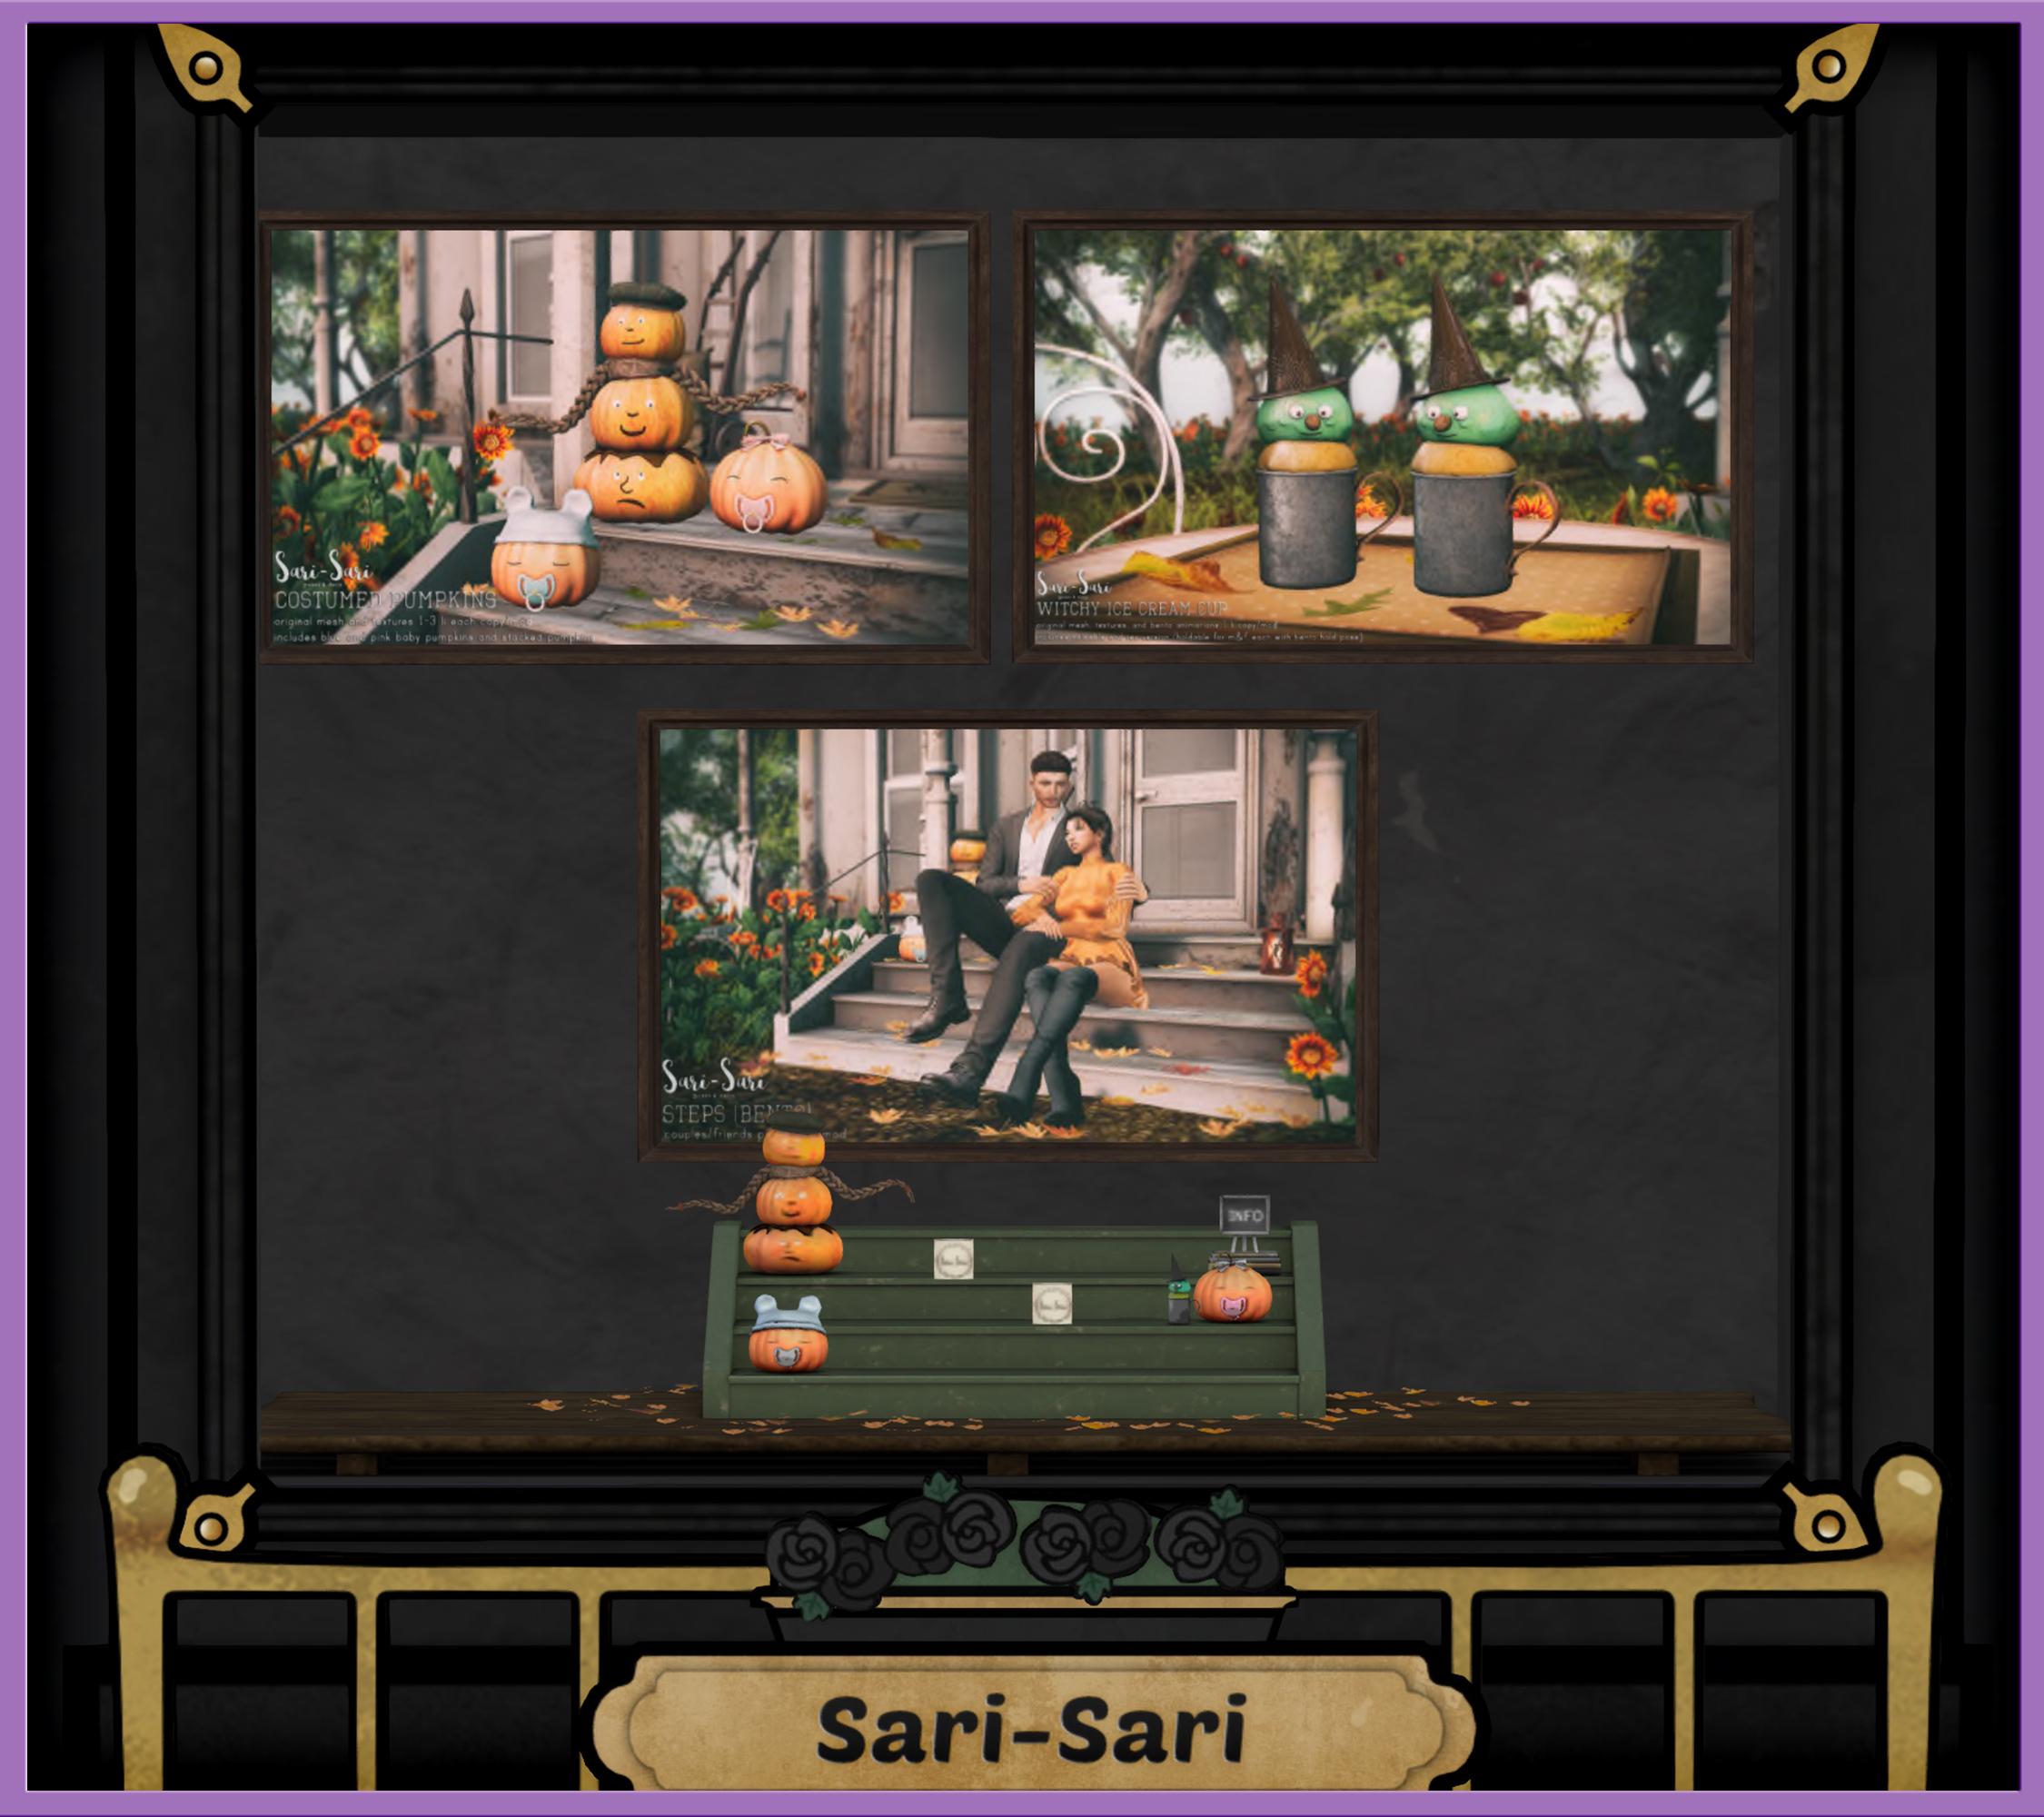 Sari-Sari